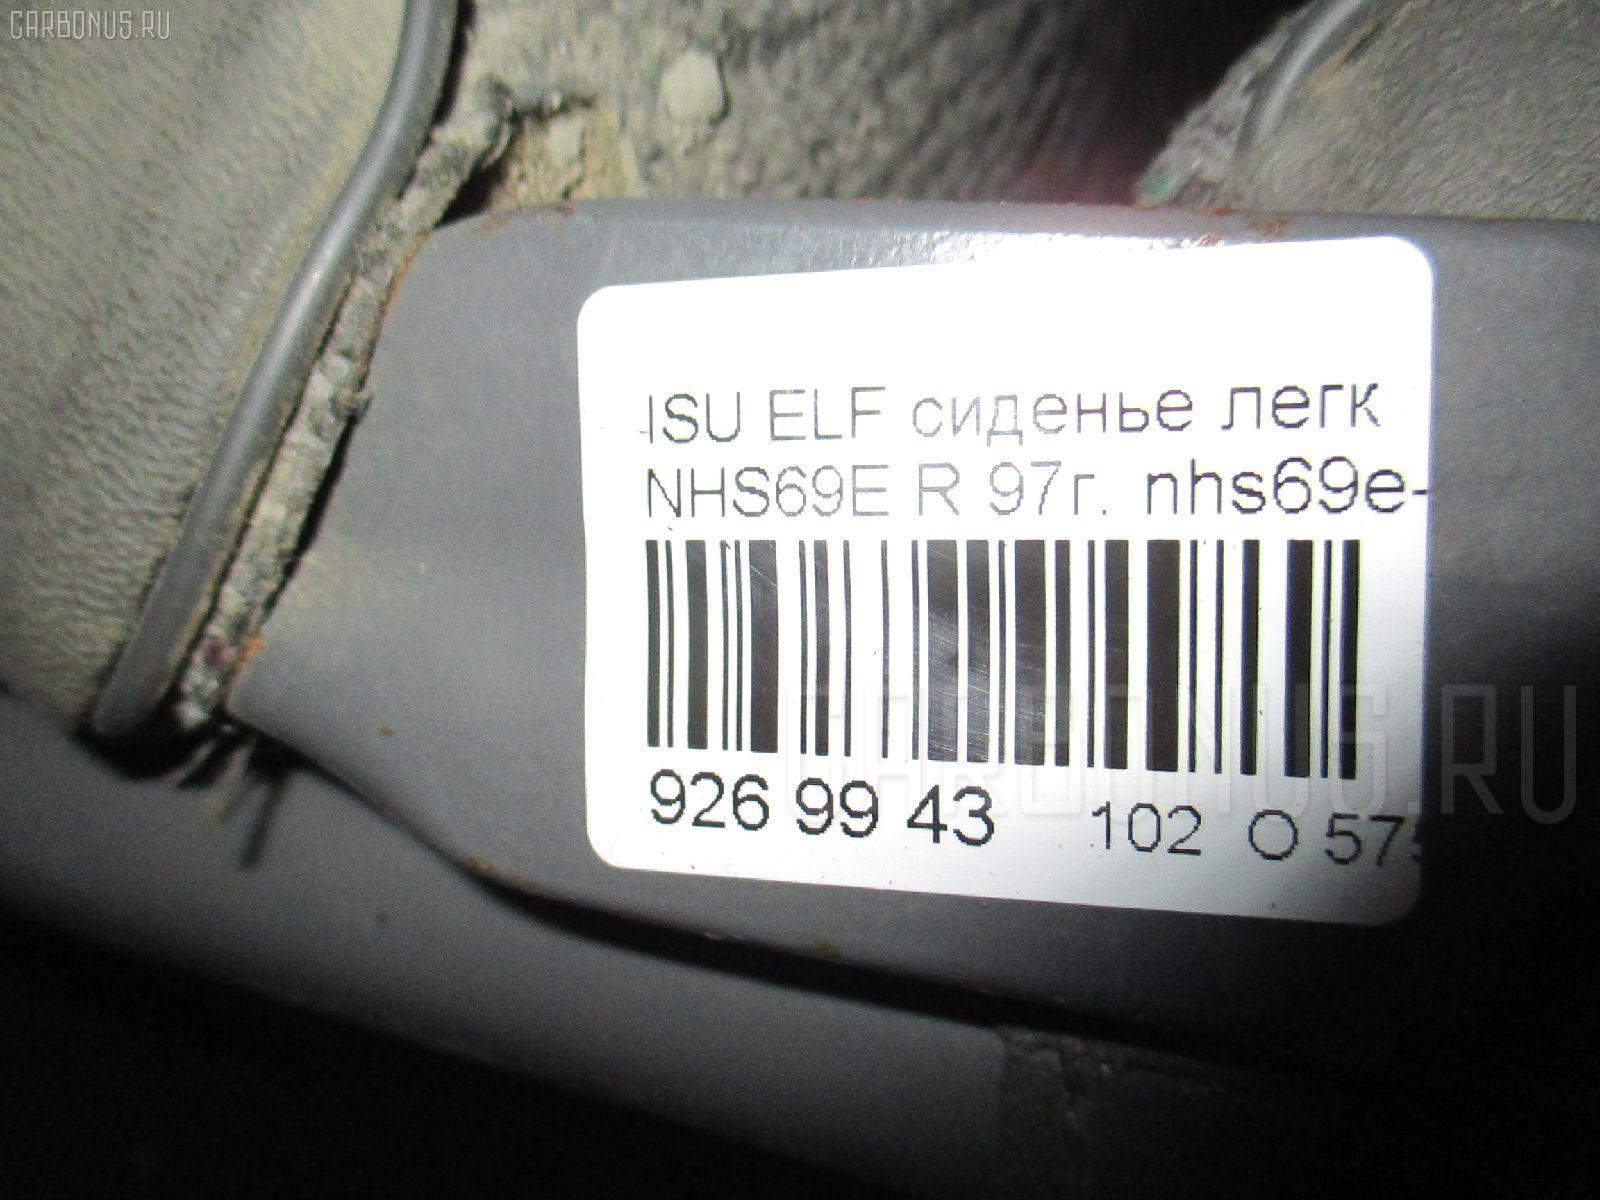 Сиденье легк ISUZU ELF NHS69E Фото 8